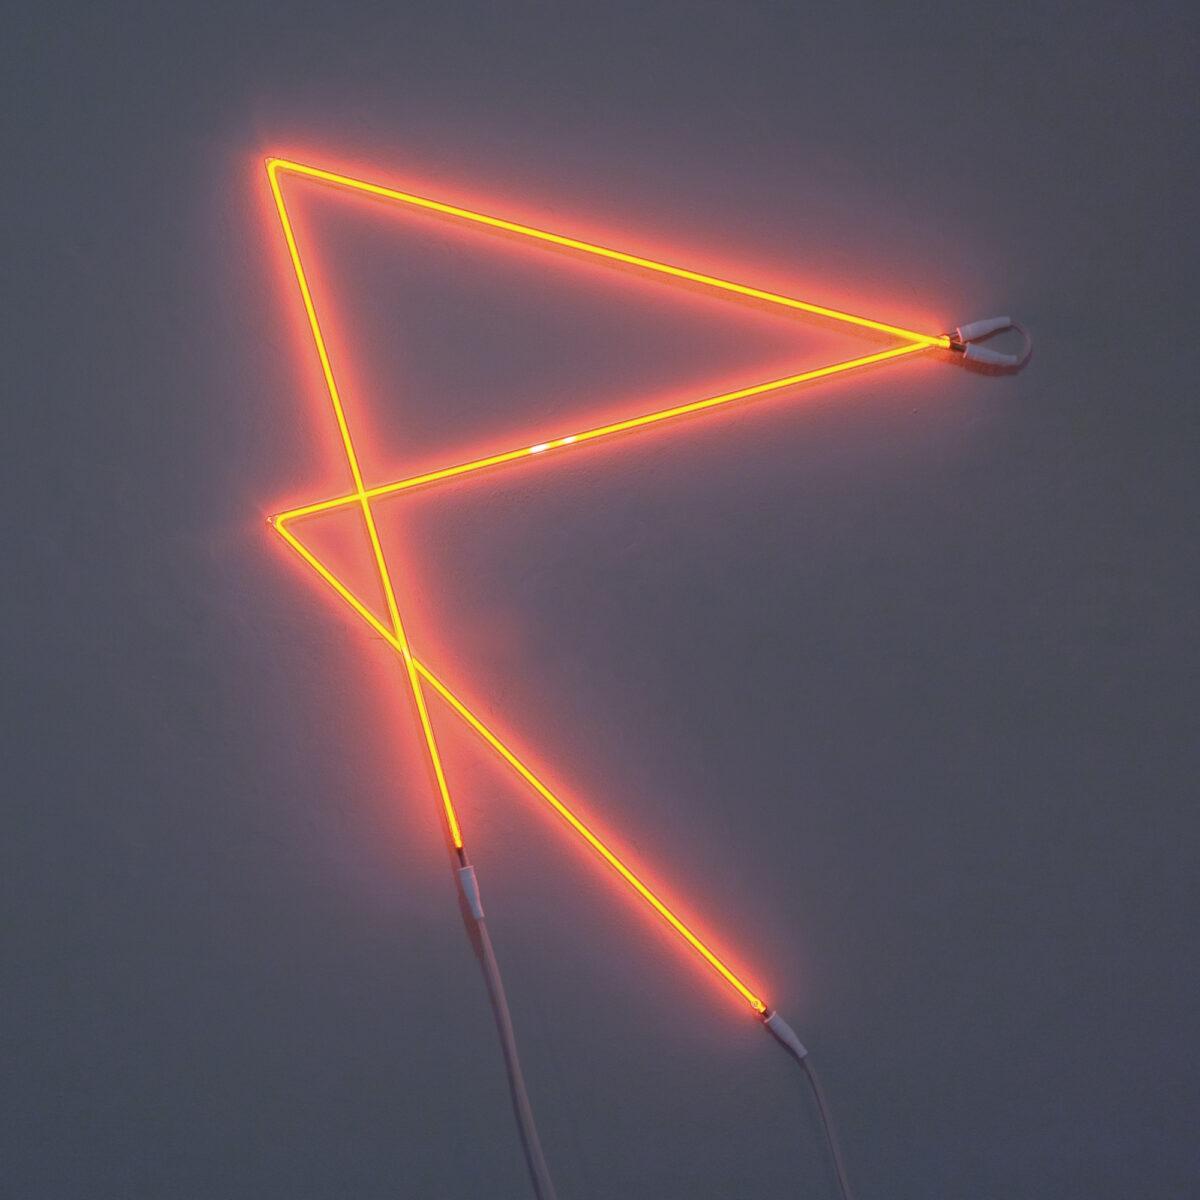 François Morellet Signalisation n°1 P limited edition Red neon tubes artwork for sale